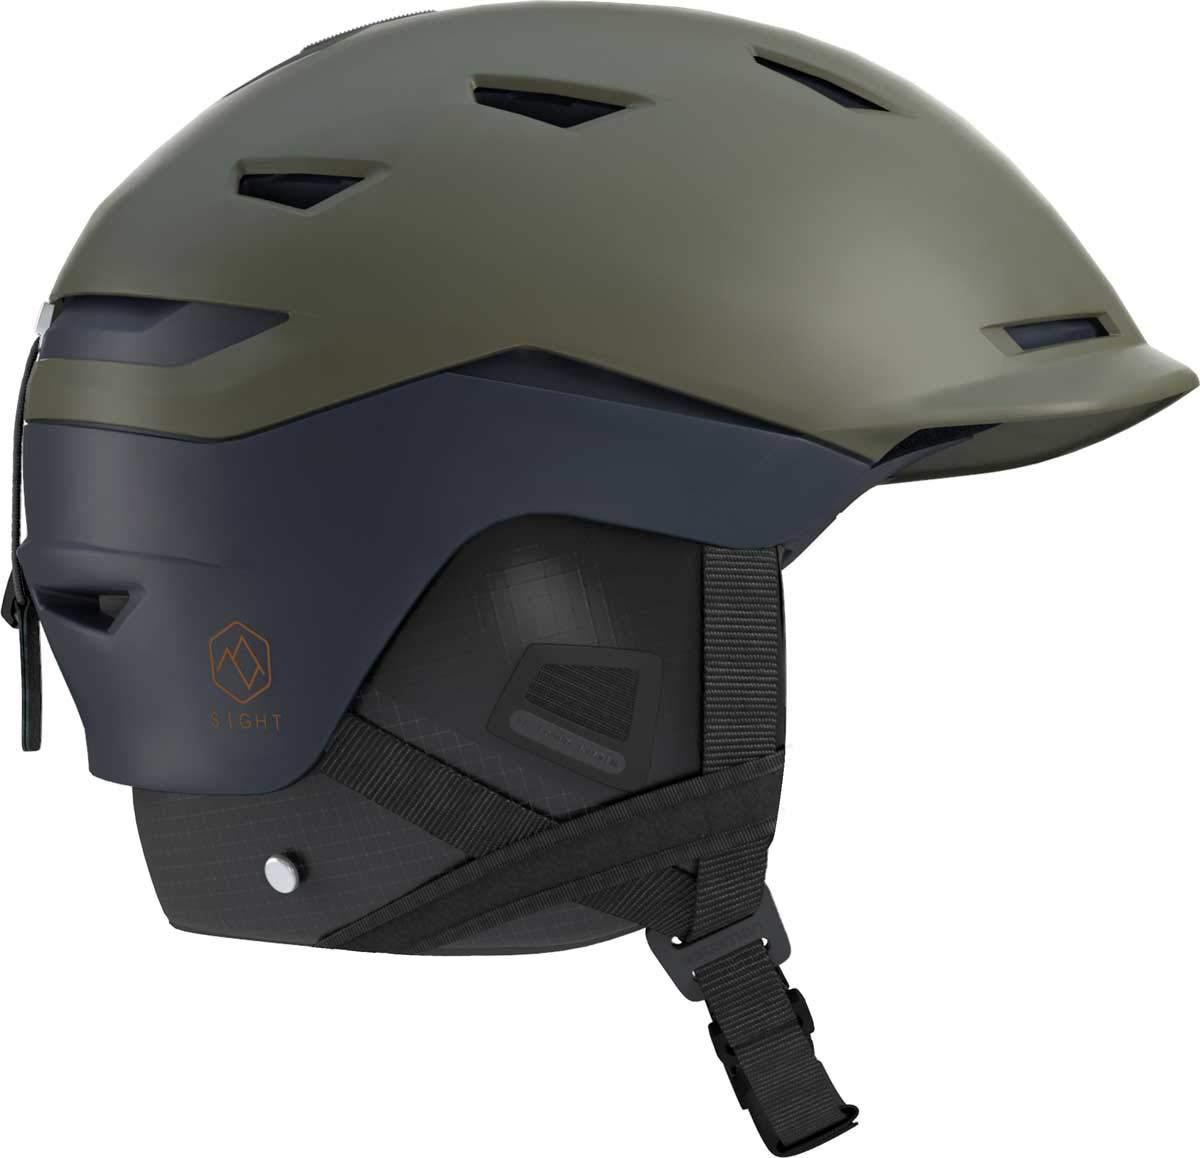 SALOMON(サロモン)SIGHT スキー スノーボード ヘルメット L40534300 OliveNight×Dress青 L_5962cm